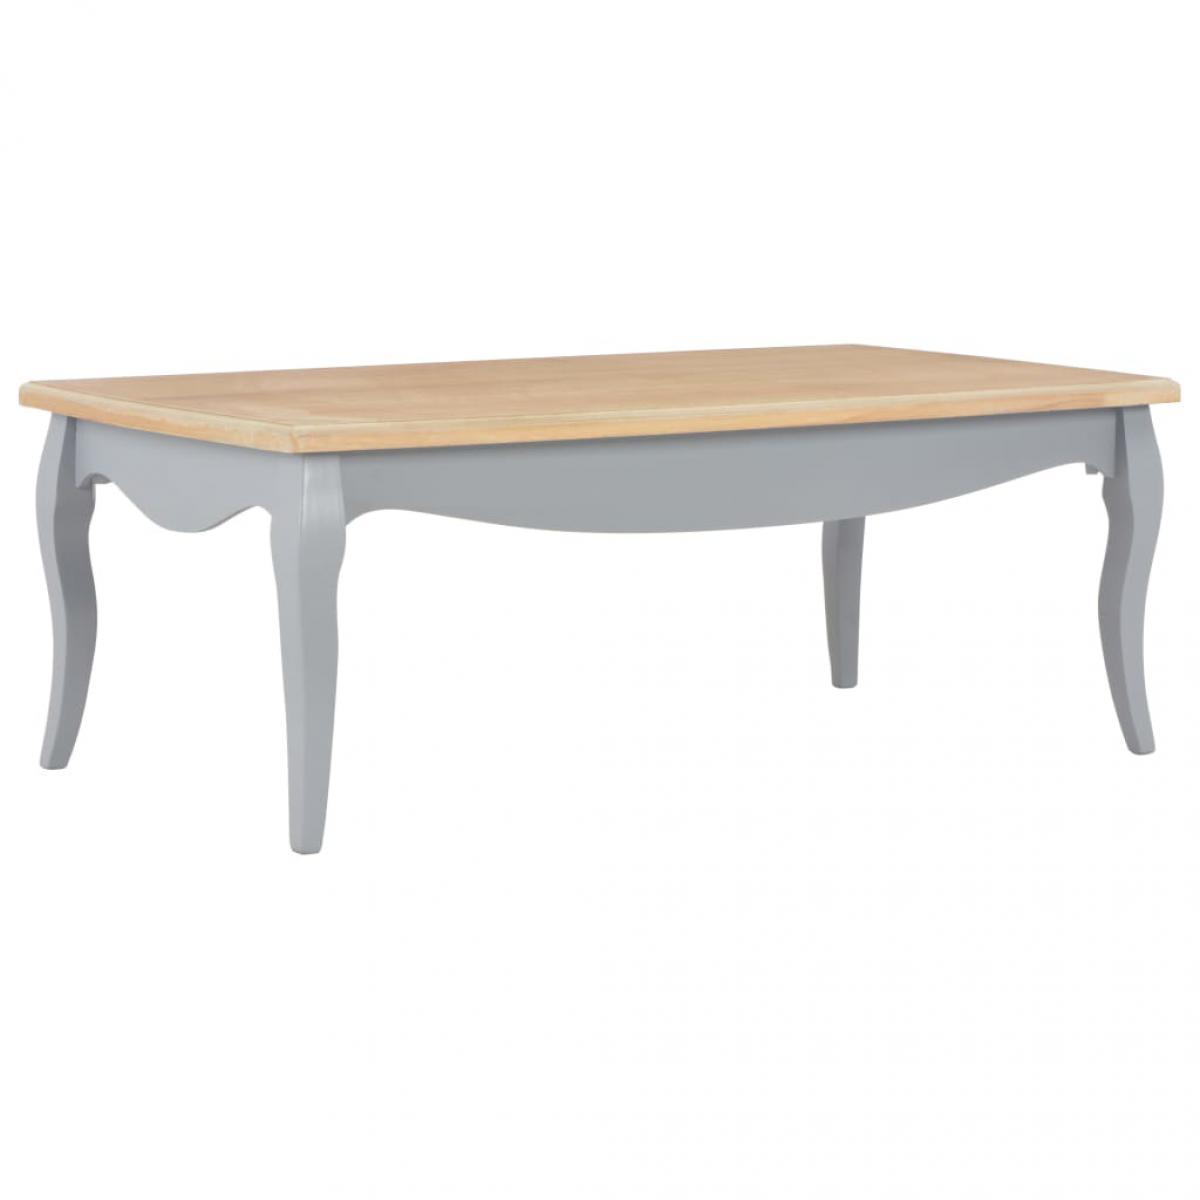 Chunhelife Table basse Gris et marron 110 x 60 x 40 cm Bois de pin massif